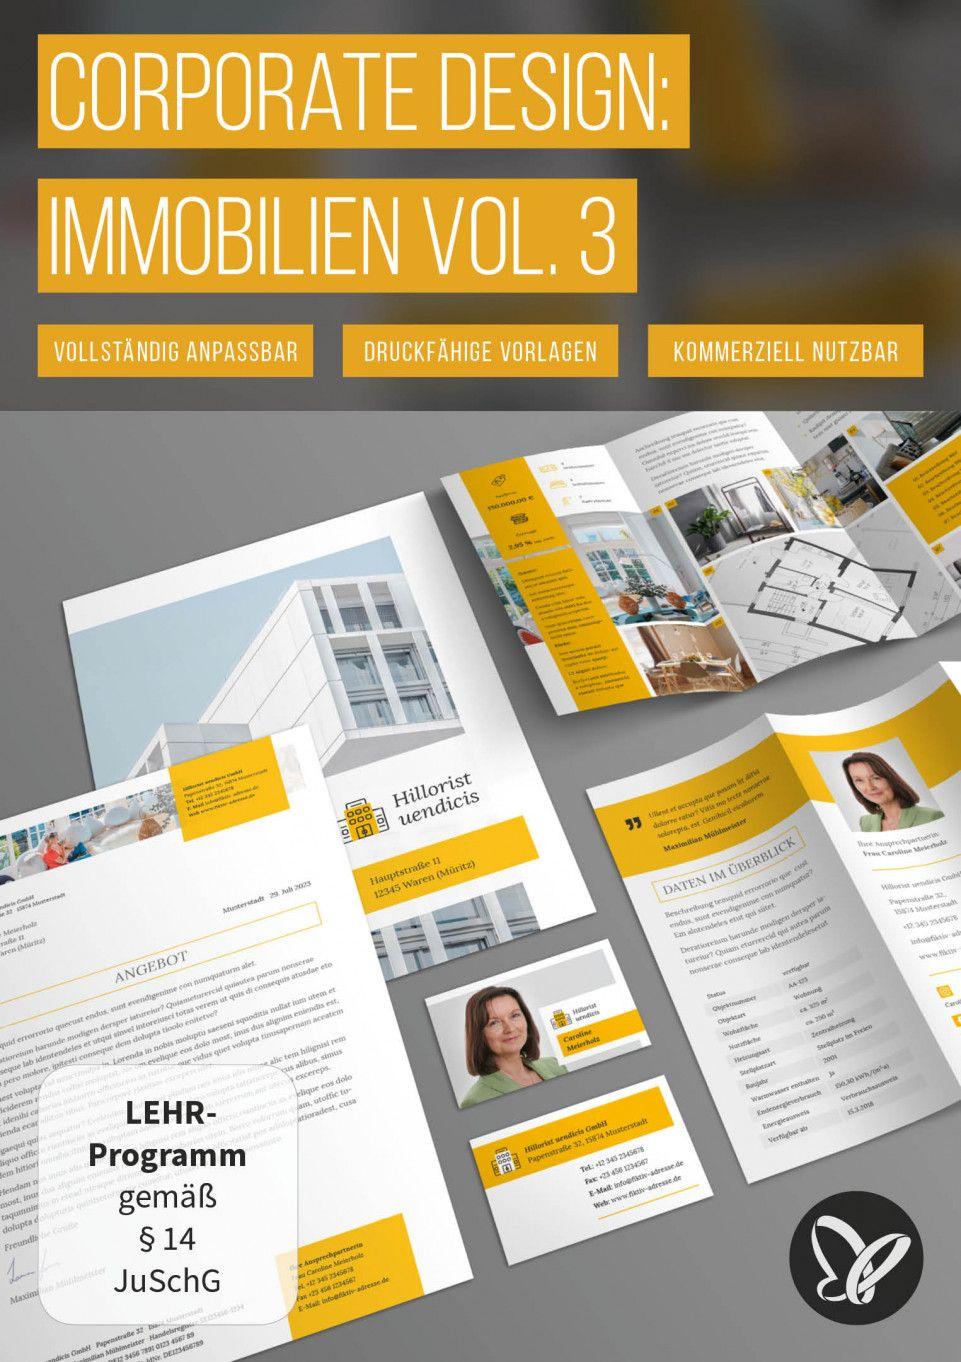 Immobilien Marketing Hochwertige Corporate Design Vorlagen Expose Immobilien Corporate Design Corporate